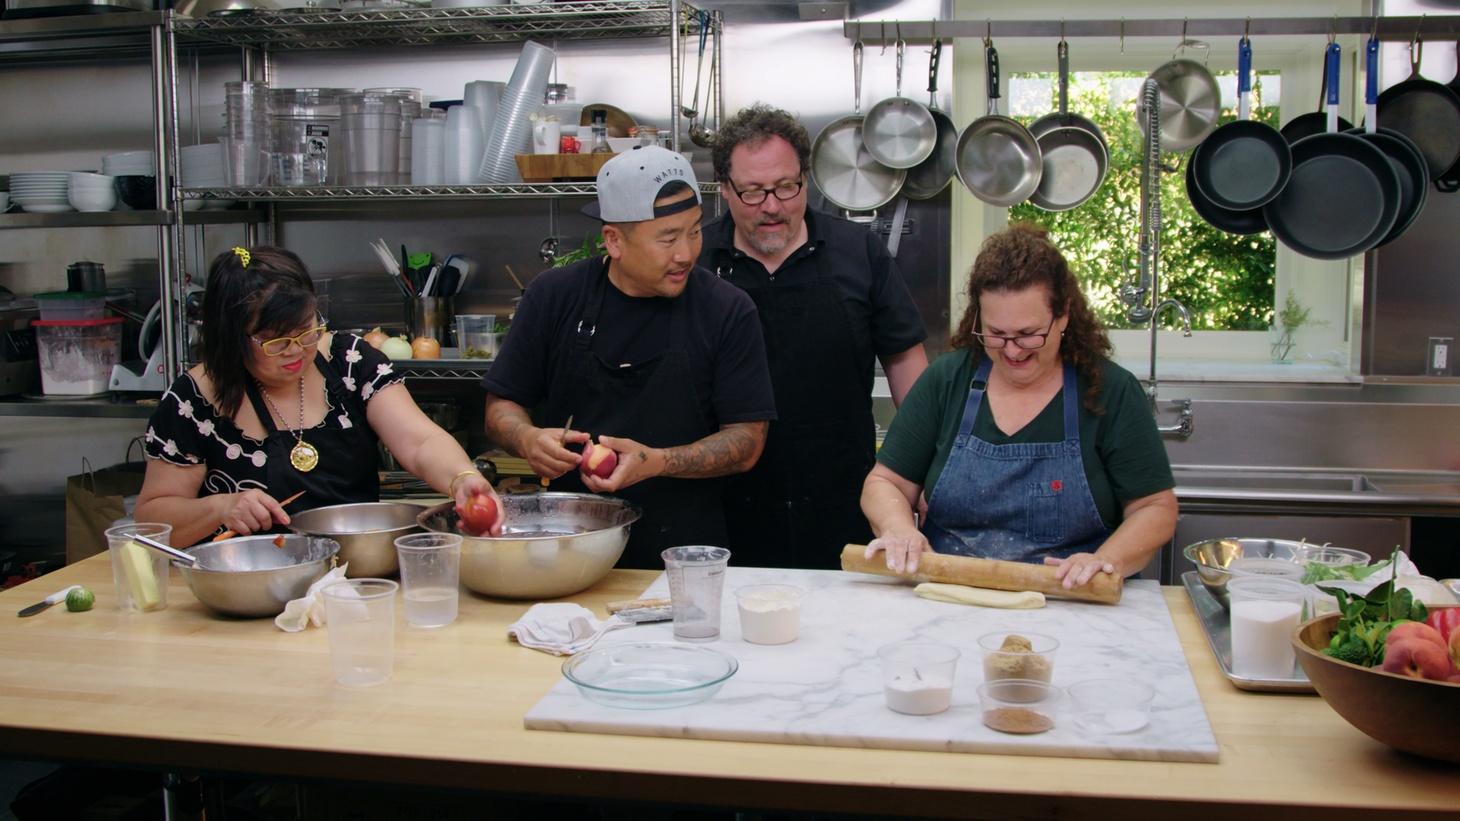 The Chef Show. Season 1, episode 4 with Roy Choi, Jon Favreau, and Evan Kleiman.